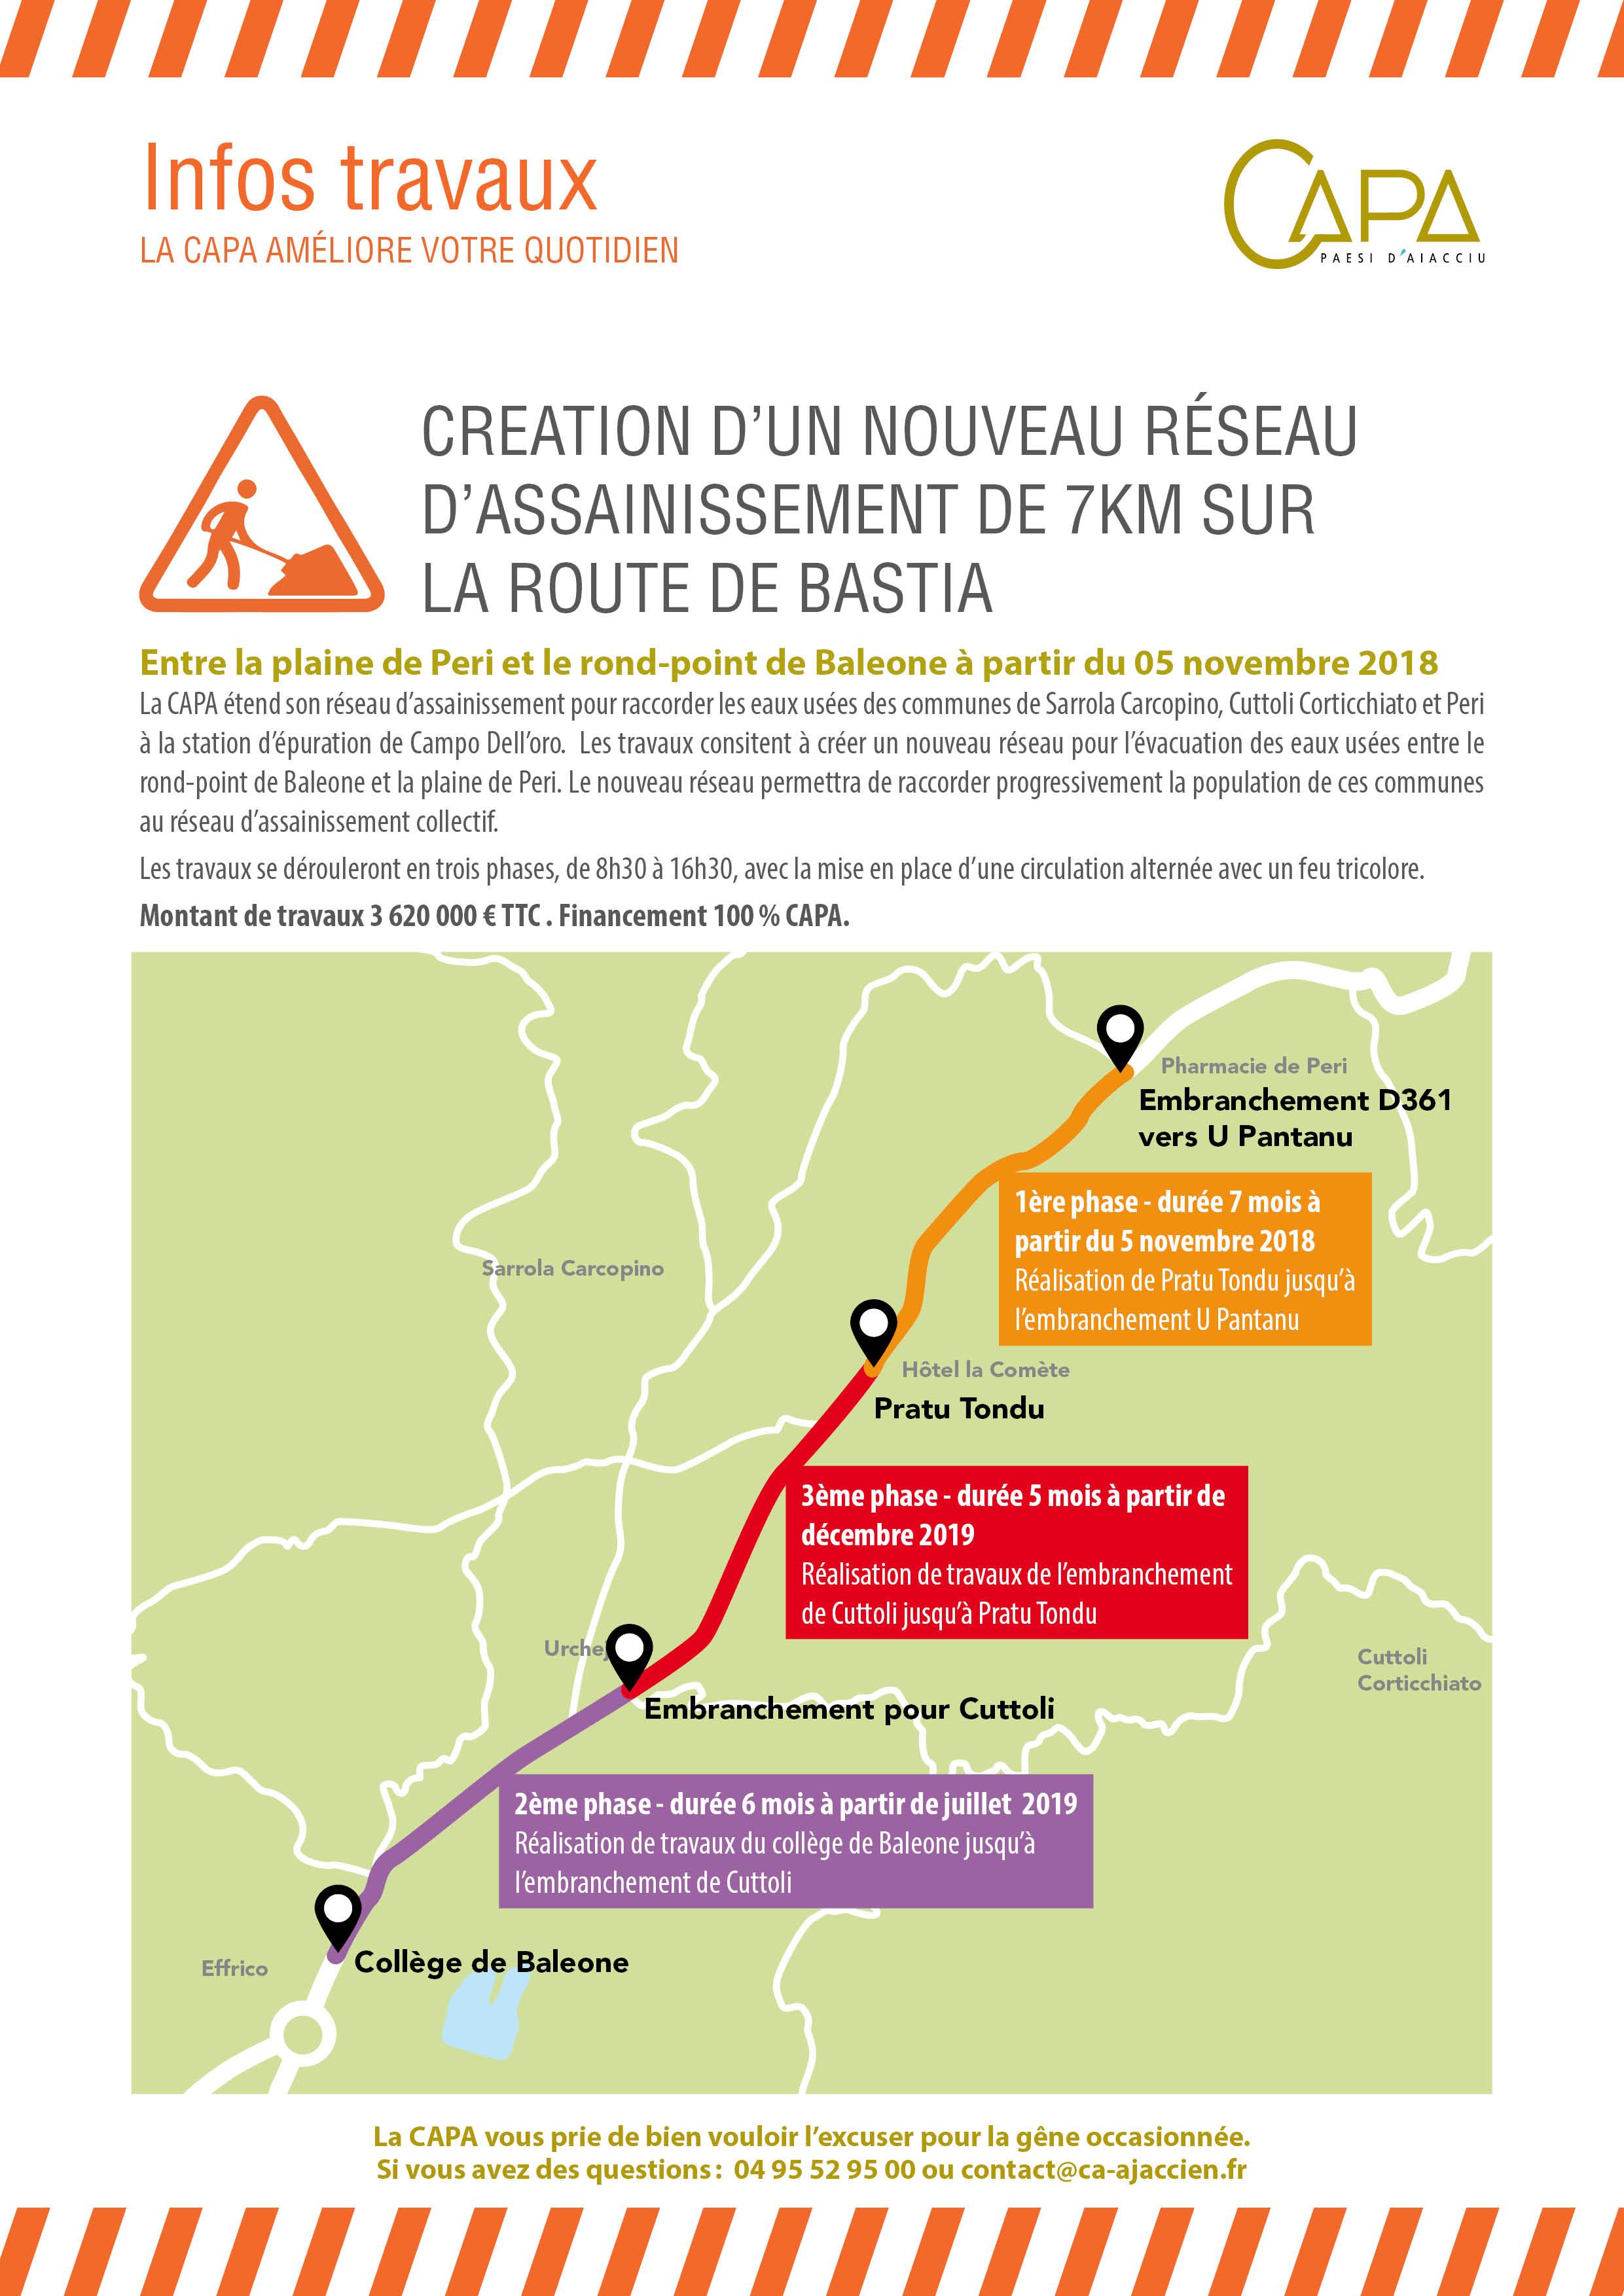 Plan des travaux route de Bastia